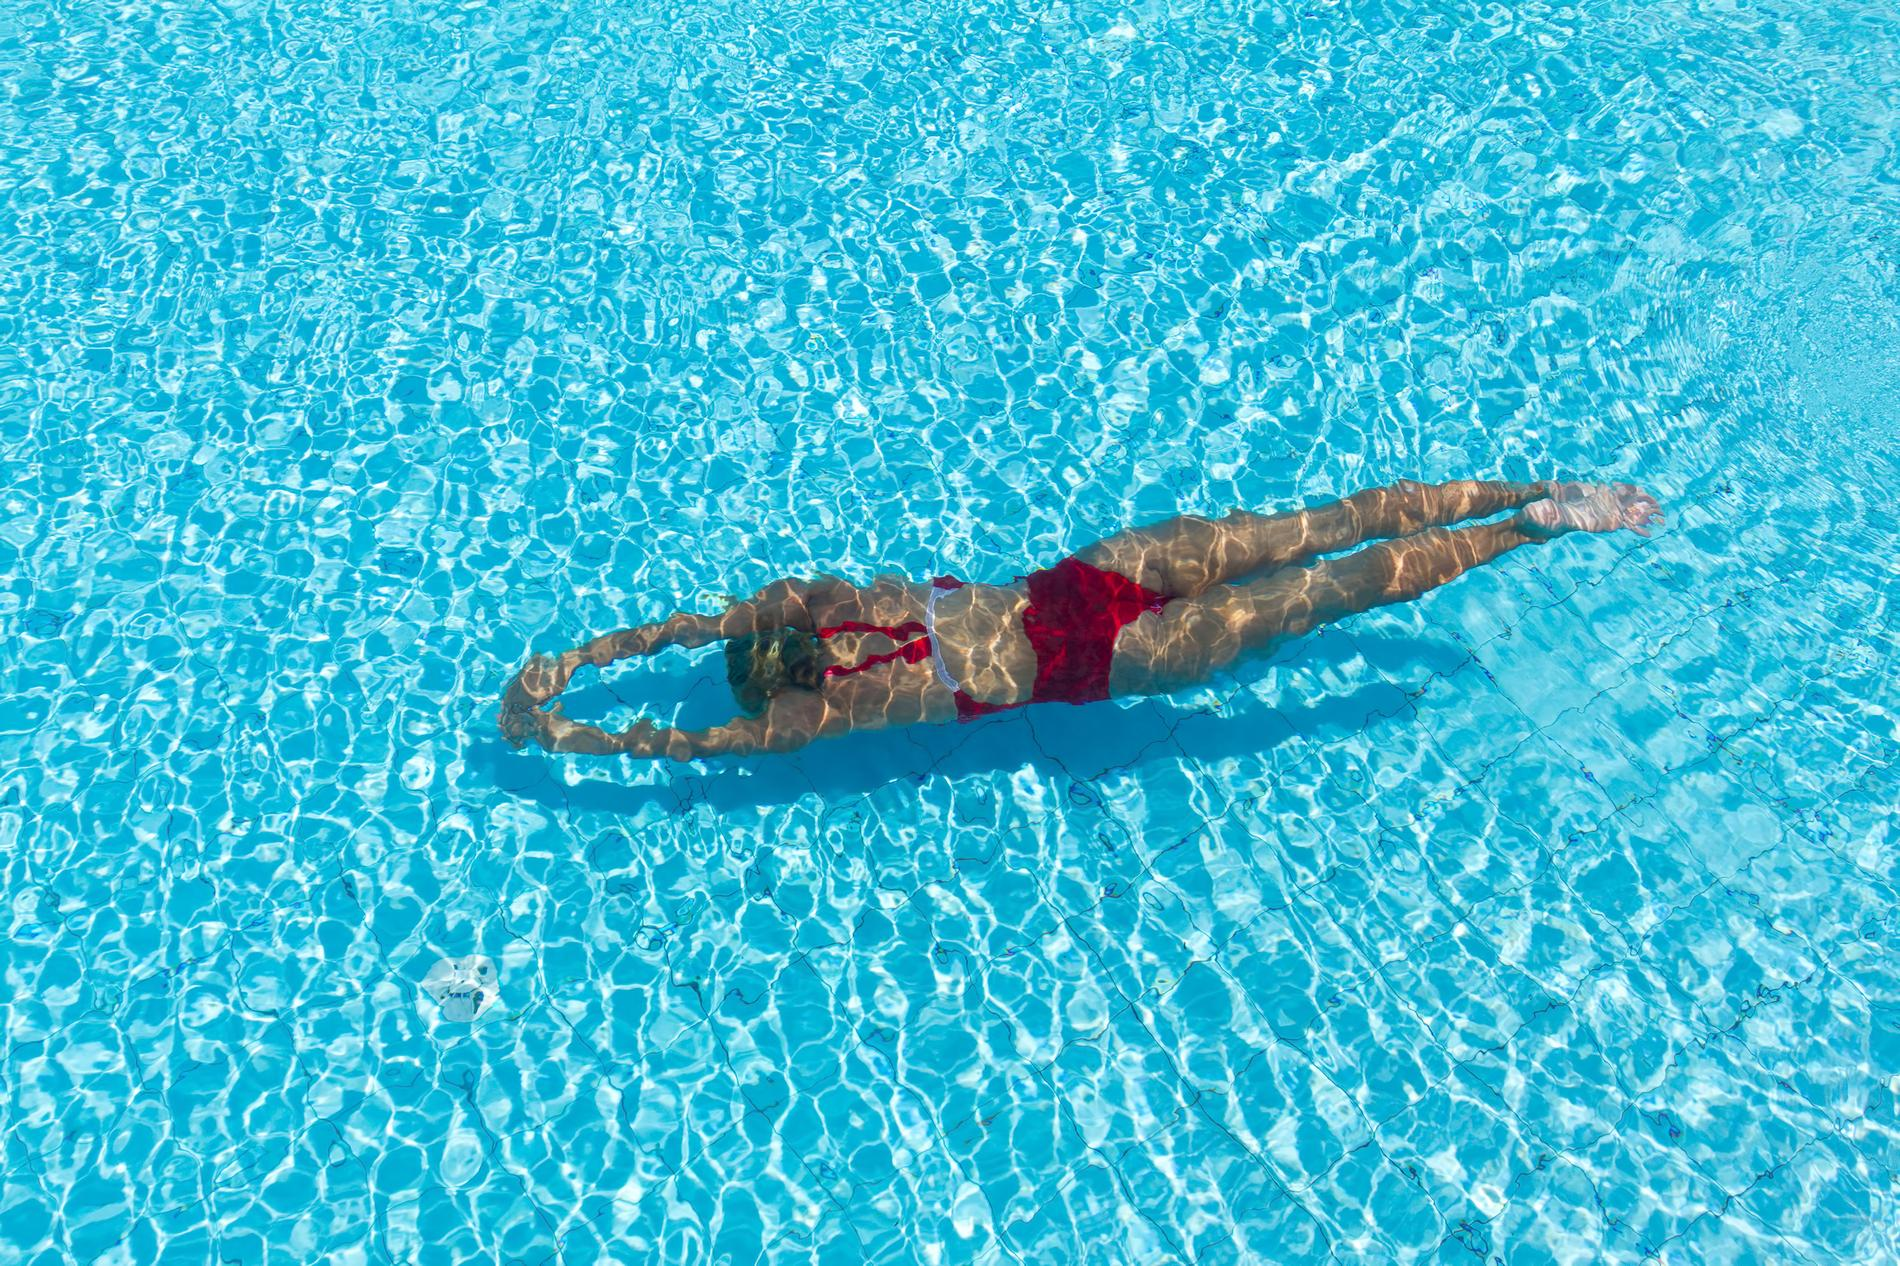 Natation l 39 ultime sport pour un corps muscl et affin - Nager en piscine avec des palmes ...